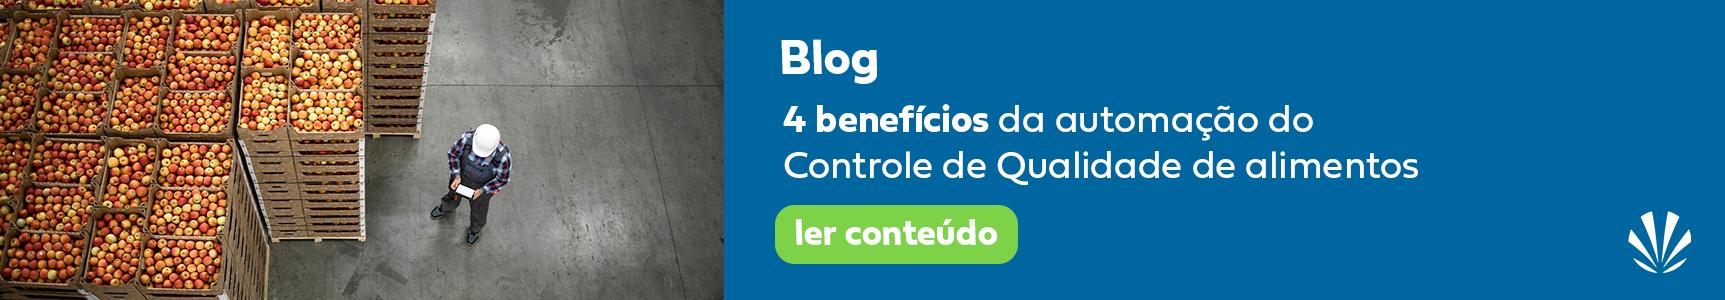 4 beneficios da automação do controle de qualidade de alimento - horizontal